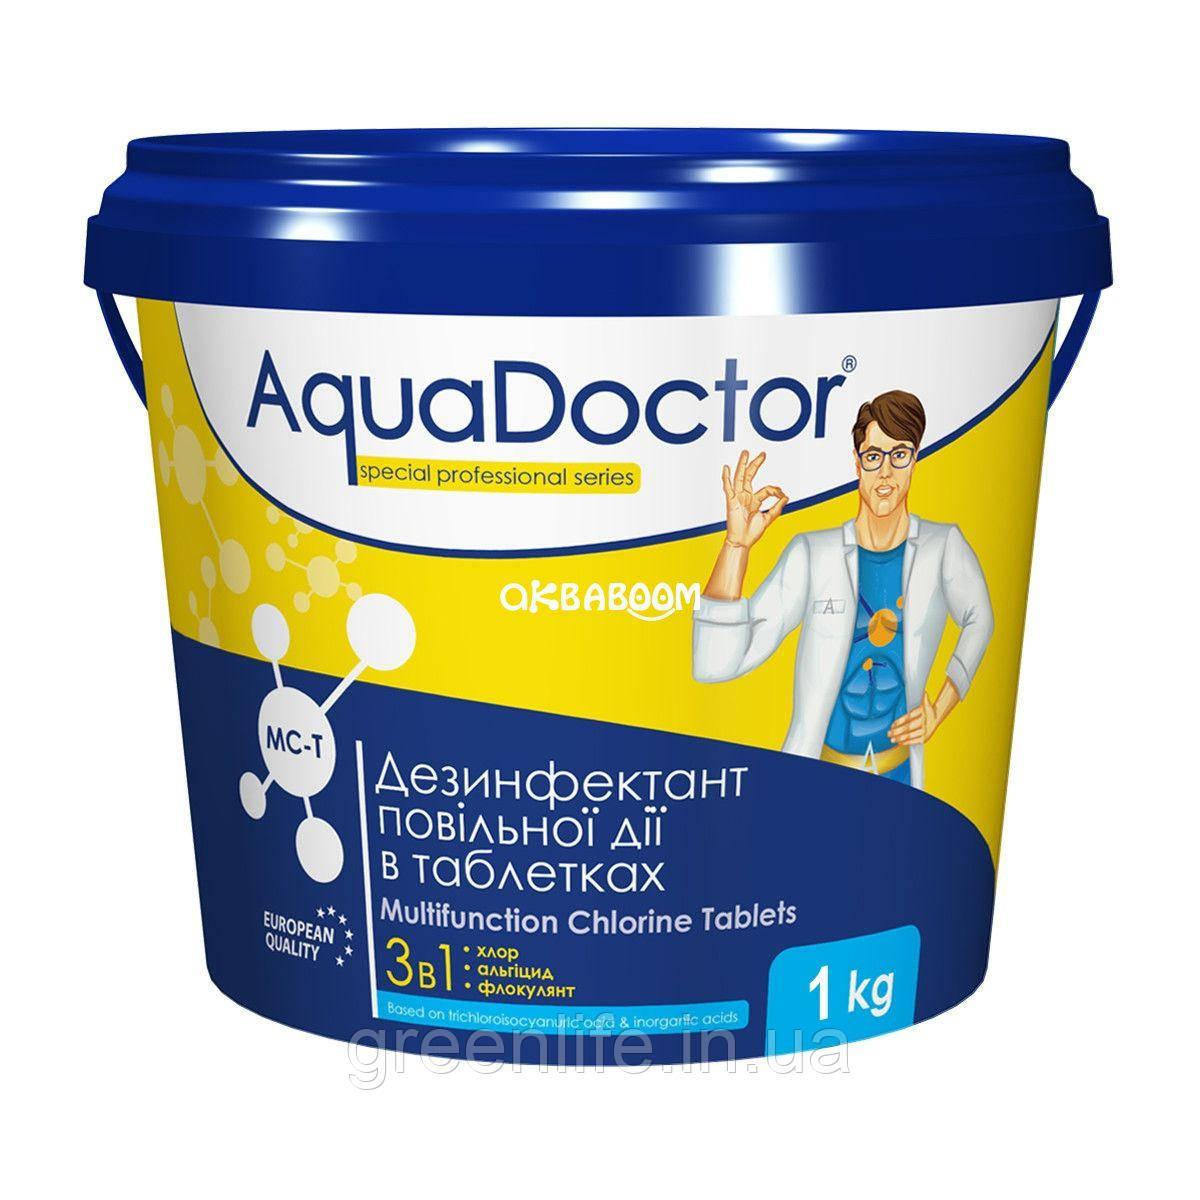 Тривалий хлор 3 в 1 в таблетках по 20гр Aquadoctor MC-T (1 кг), Аквадоктор, в таблетках, 1 кг